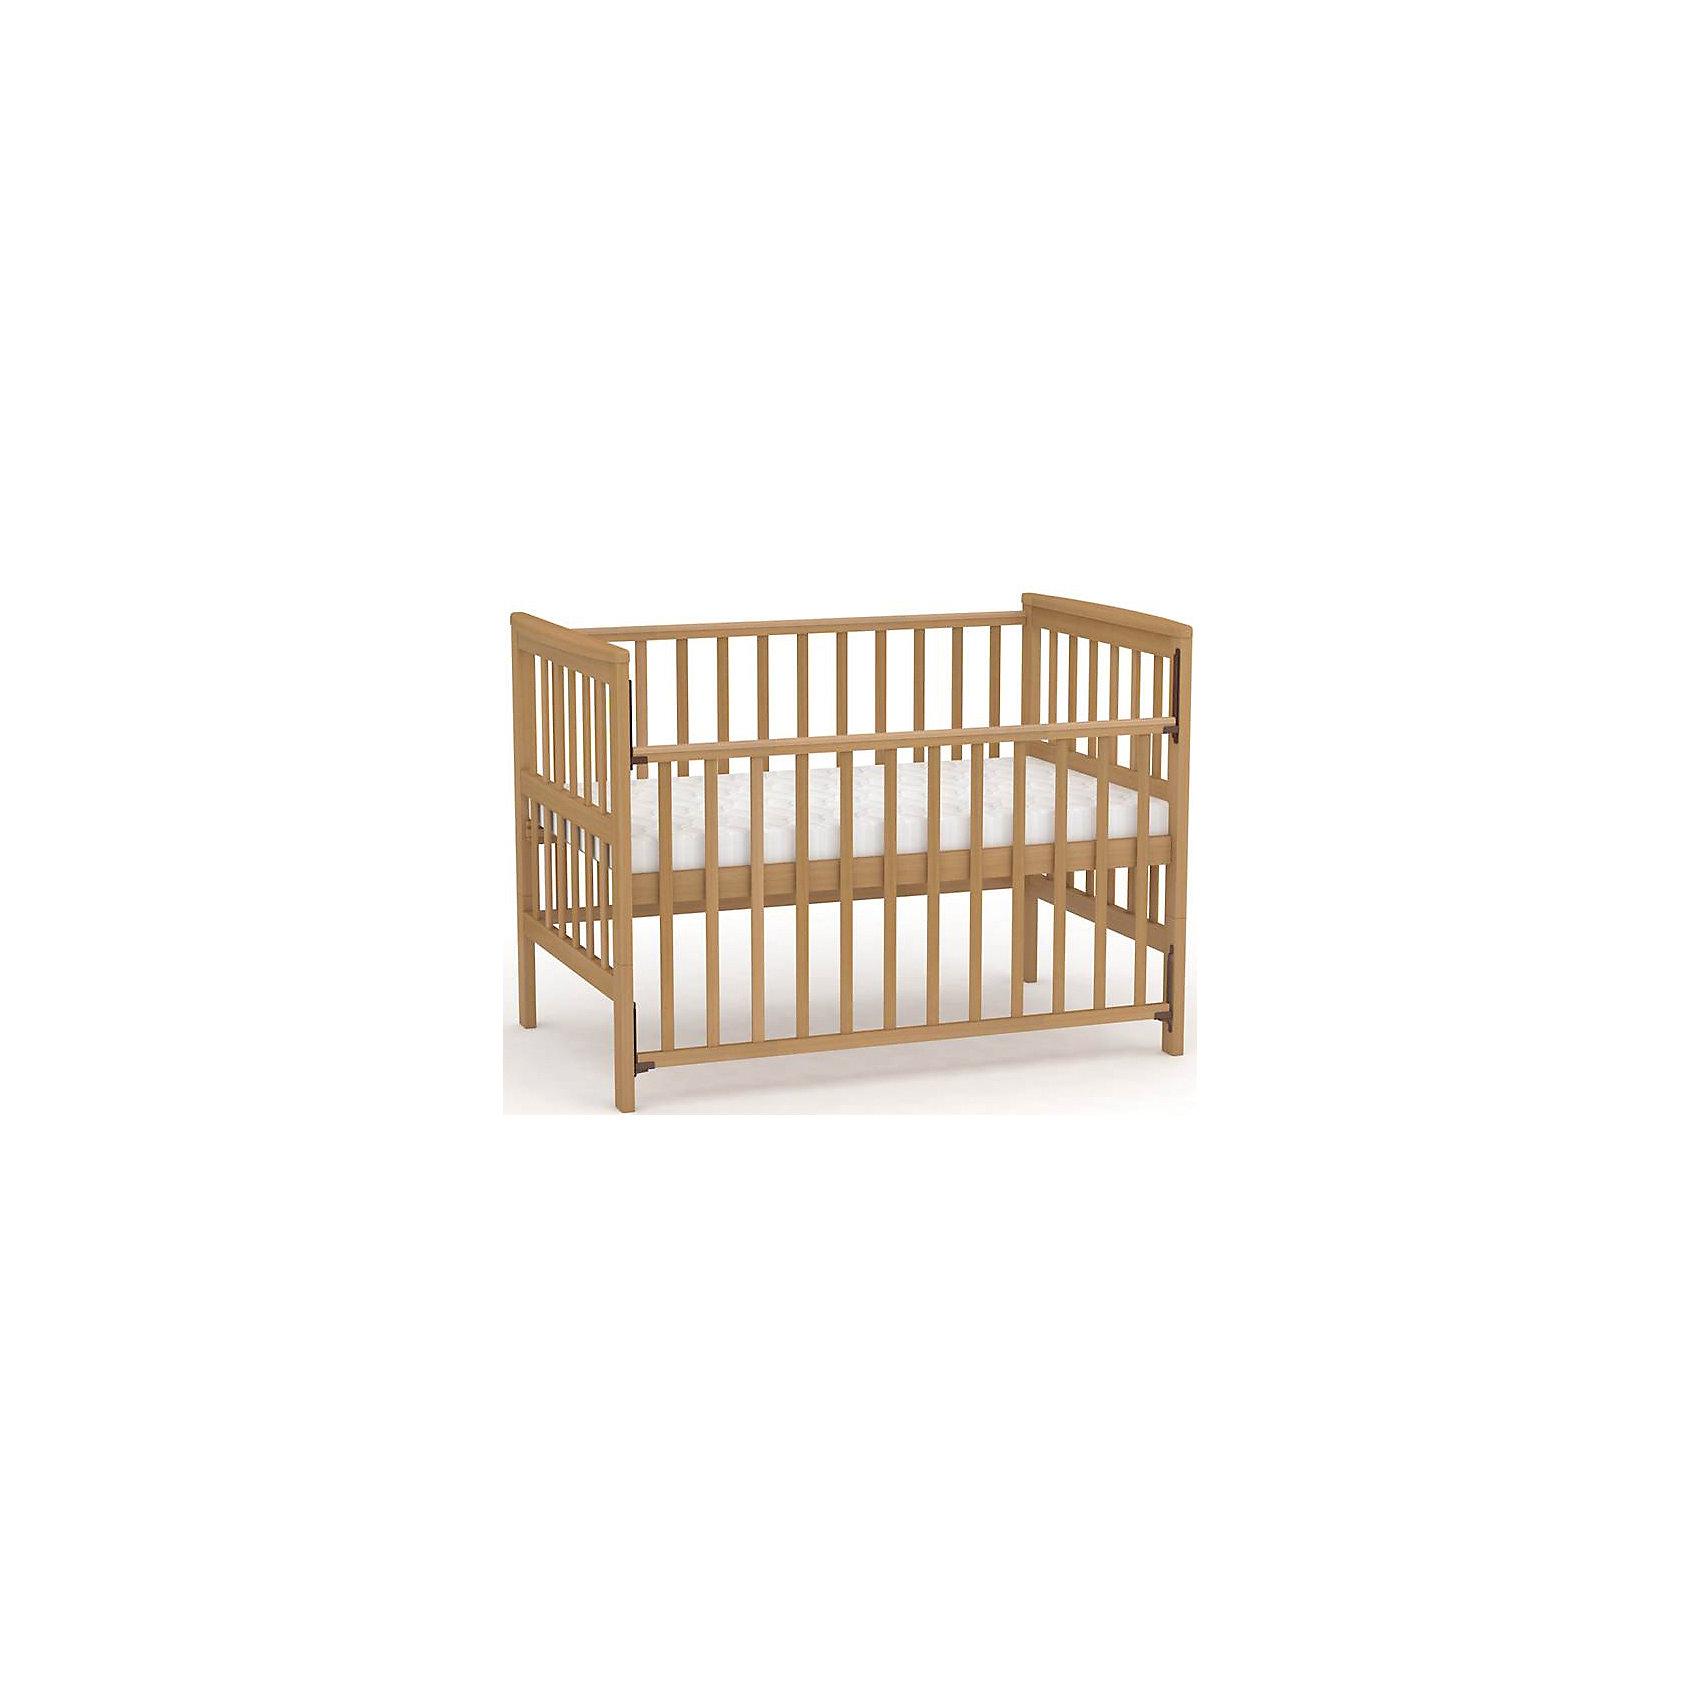 ФЕЯ Детская кровать-трансформер 800, Фея, медовый обычная кроватка фея 311 медовый